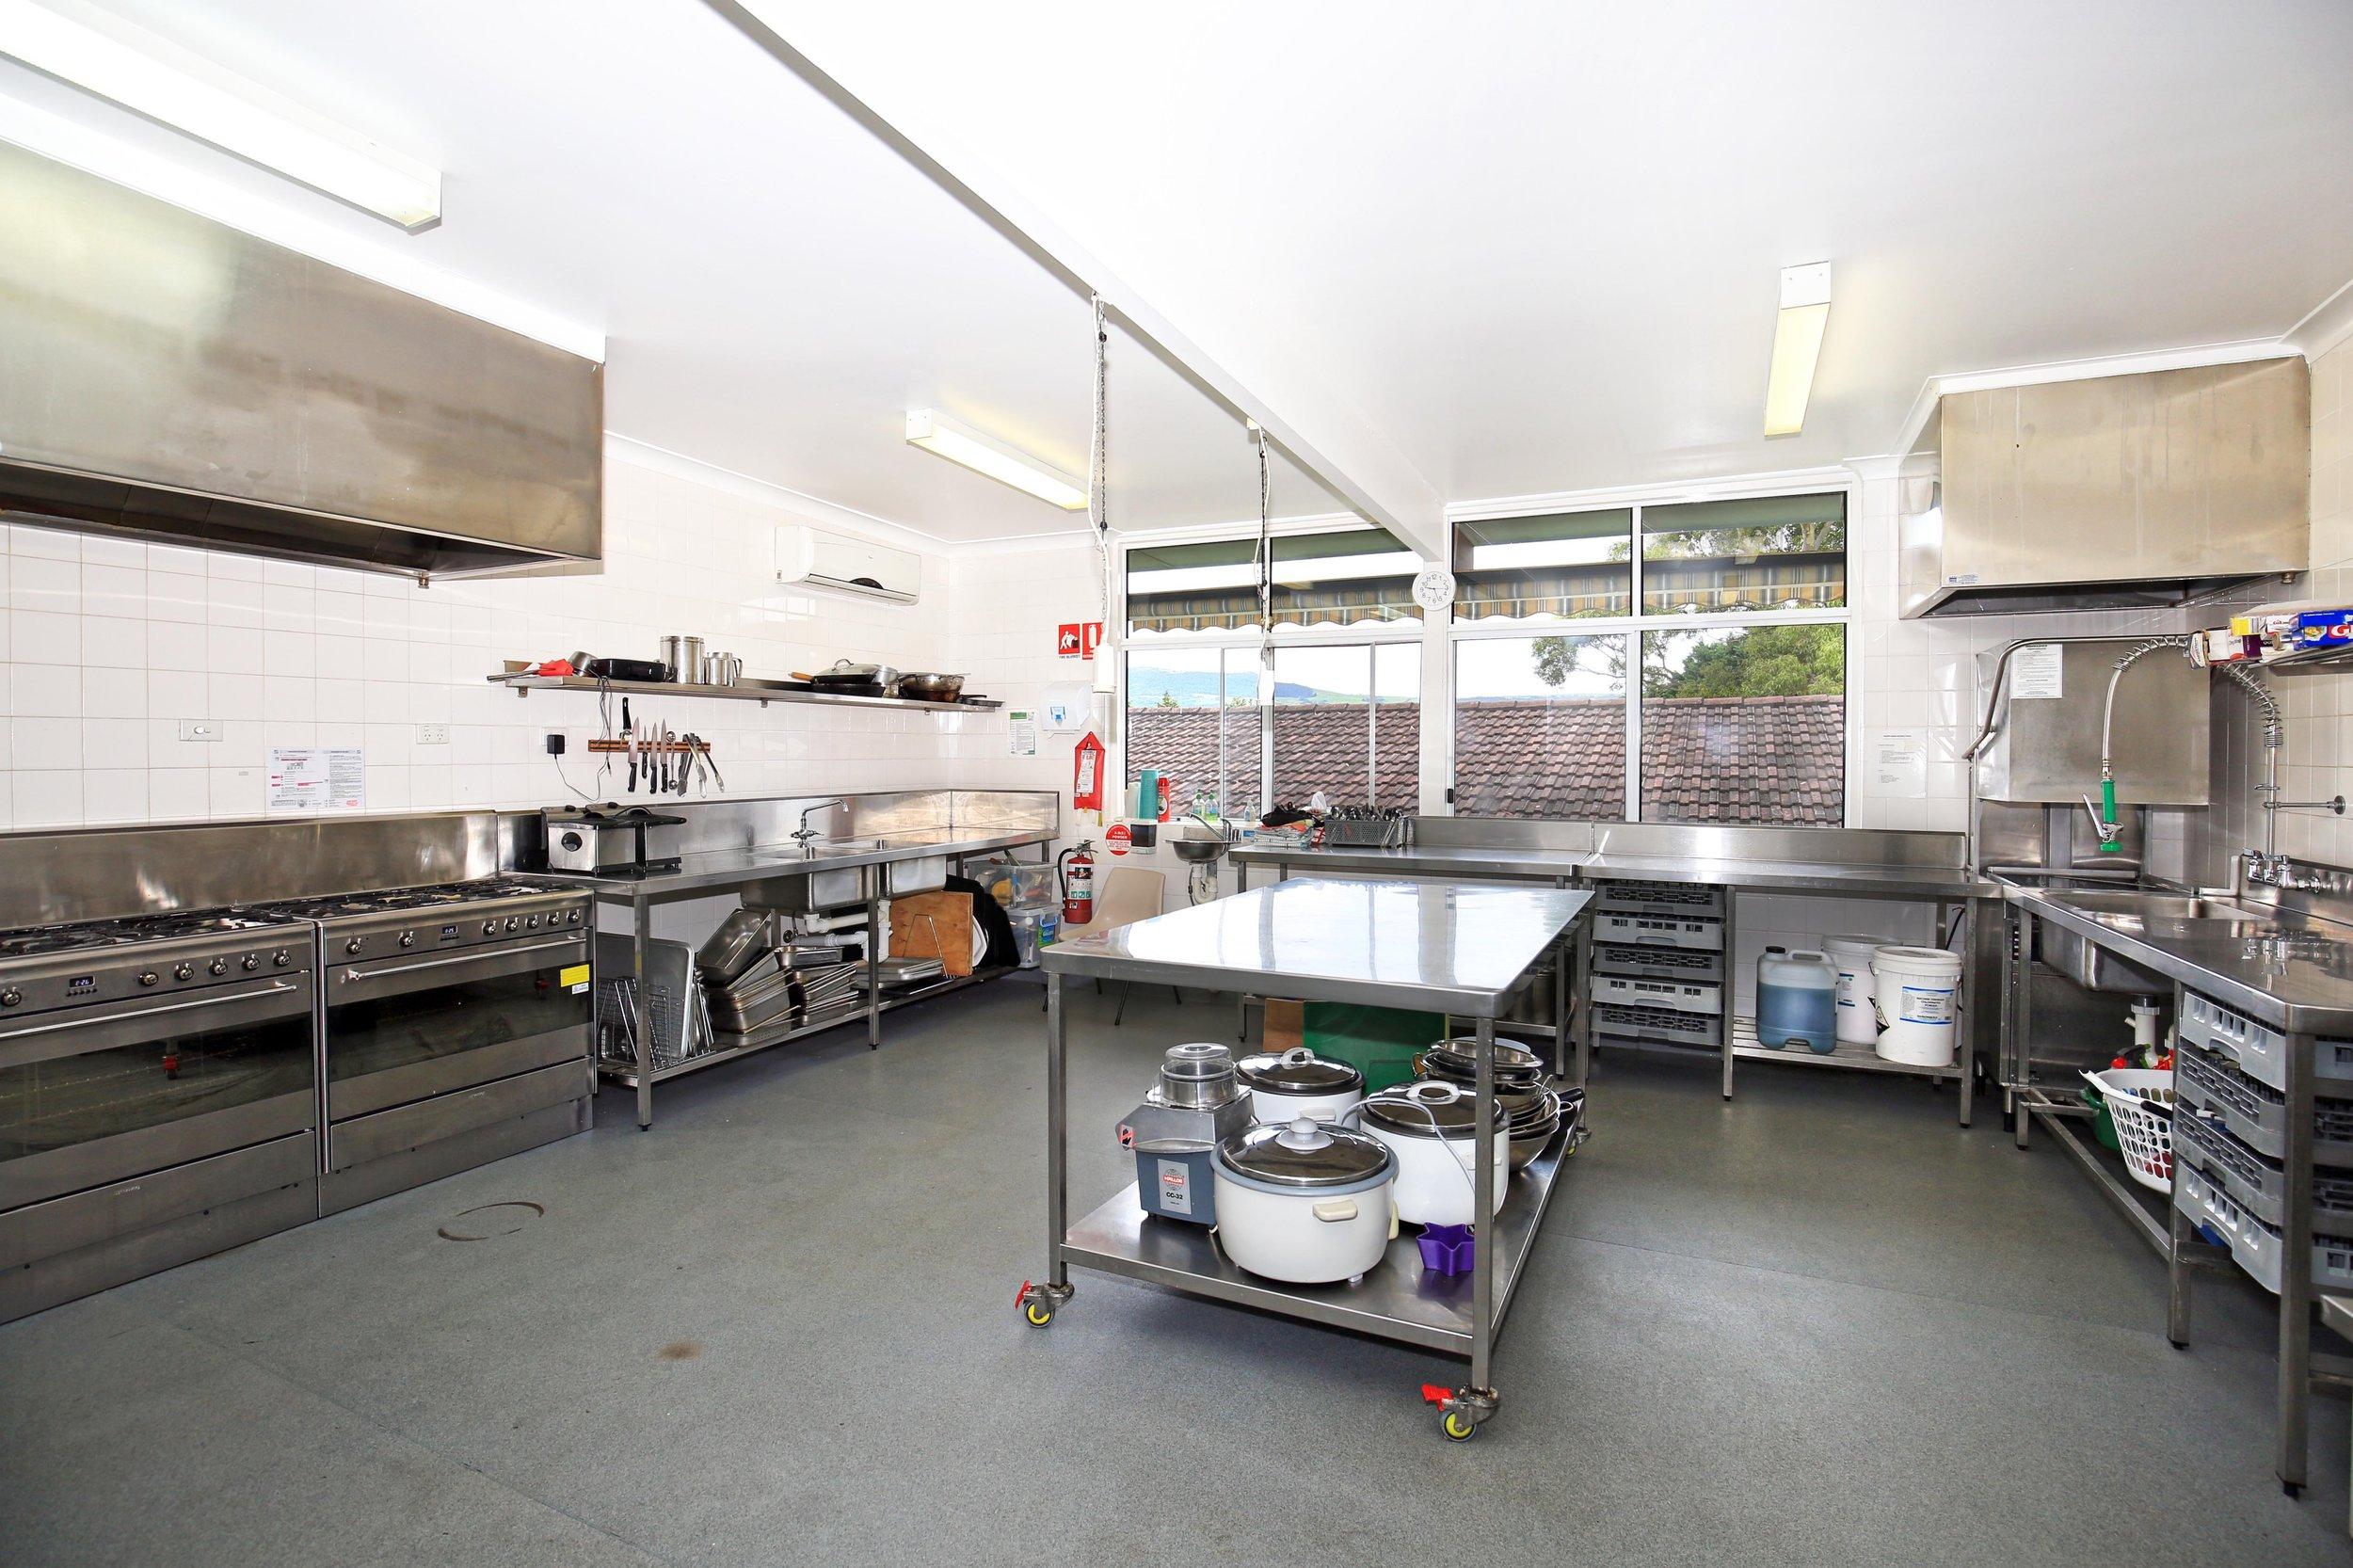 Chittick Lodge kitchen